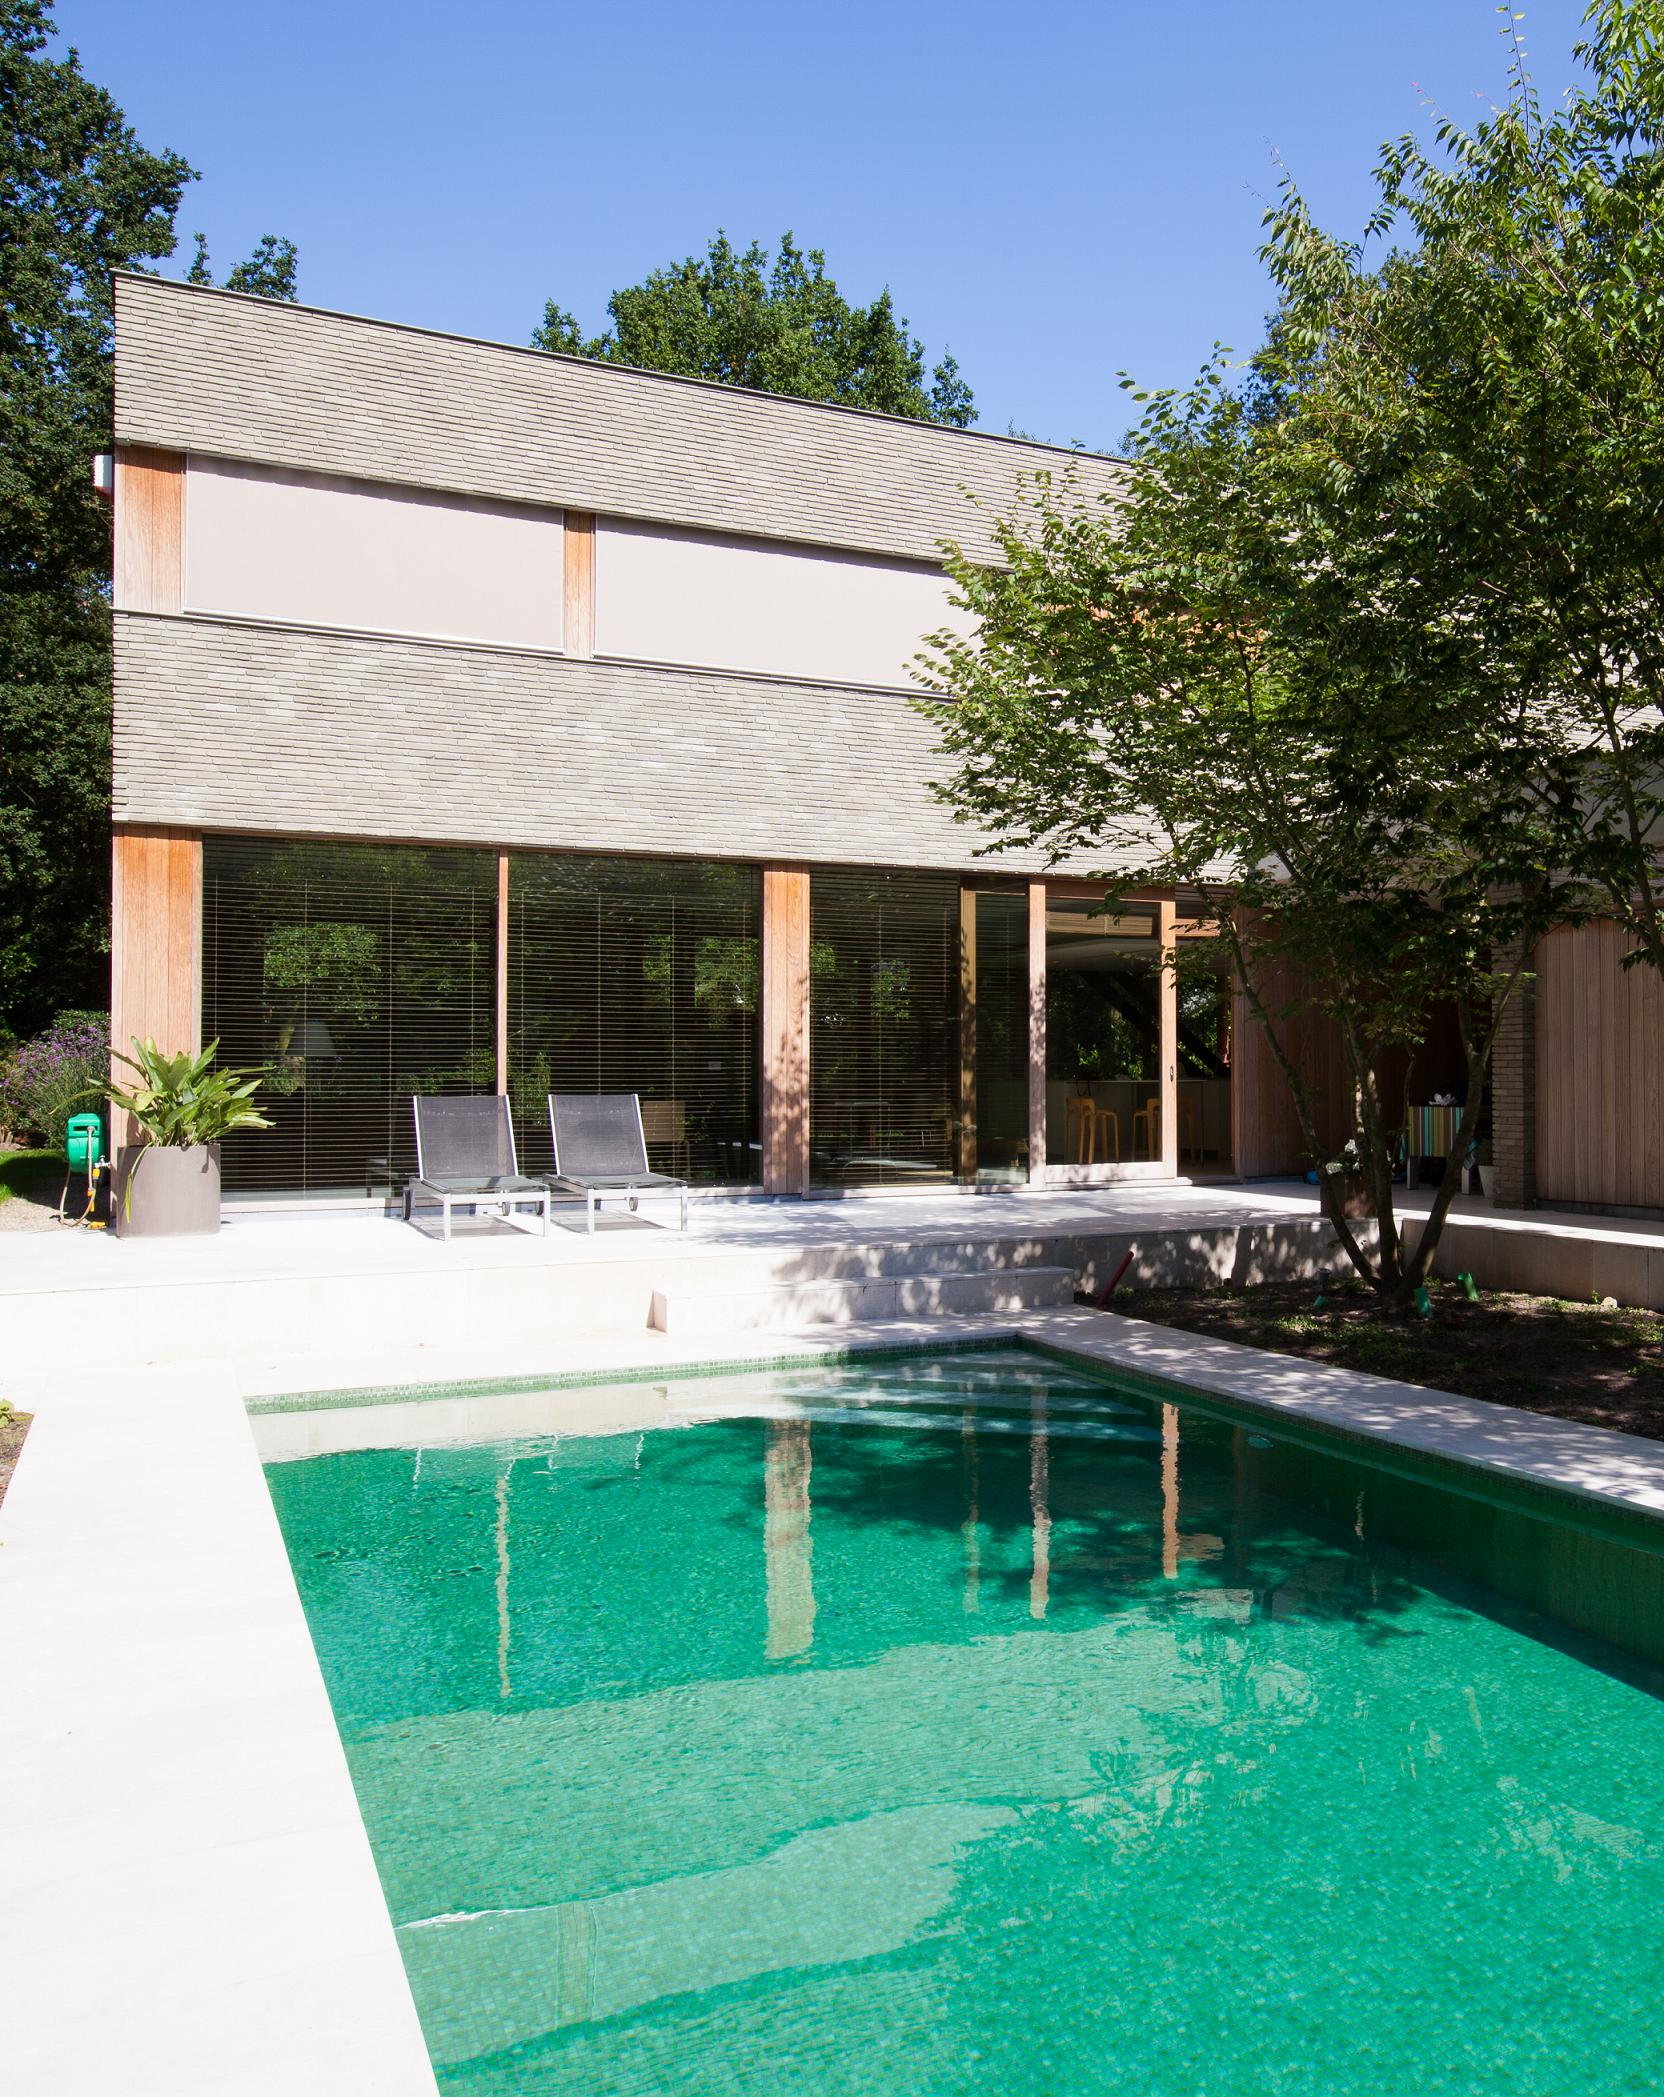 Levenslang wonen in een spel van contrasten architect for Zwembad spel